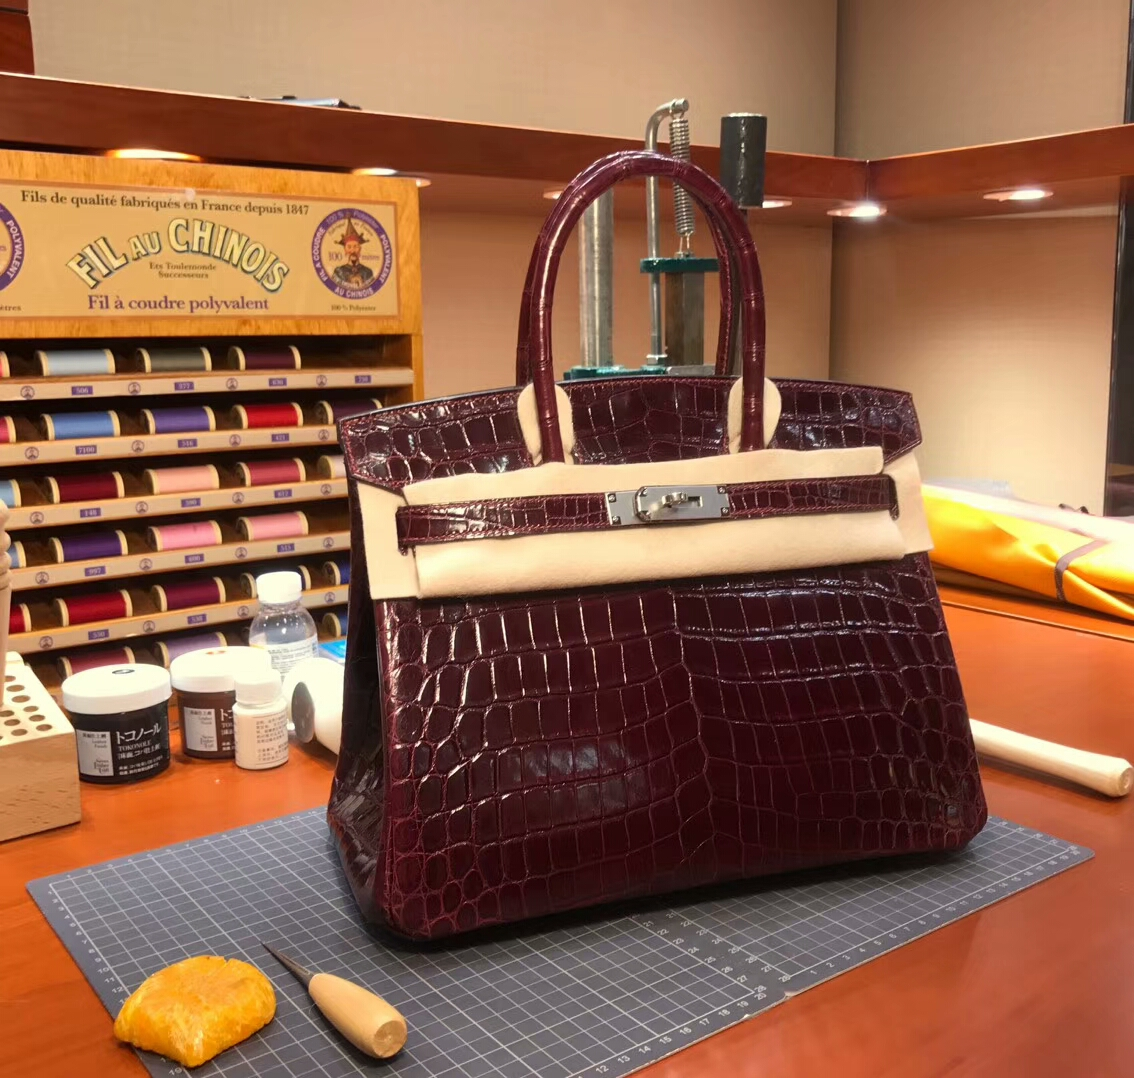 F5 勃艮第酒红色 Bourgogne 爱马仕 HERMES 铂金包 Birkin 配全套专柜原版包装 全球发售